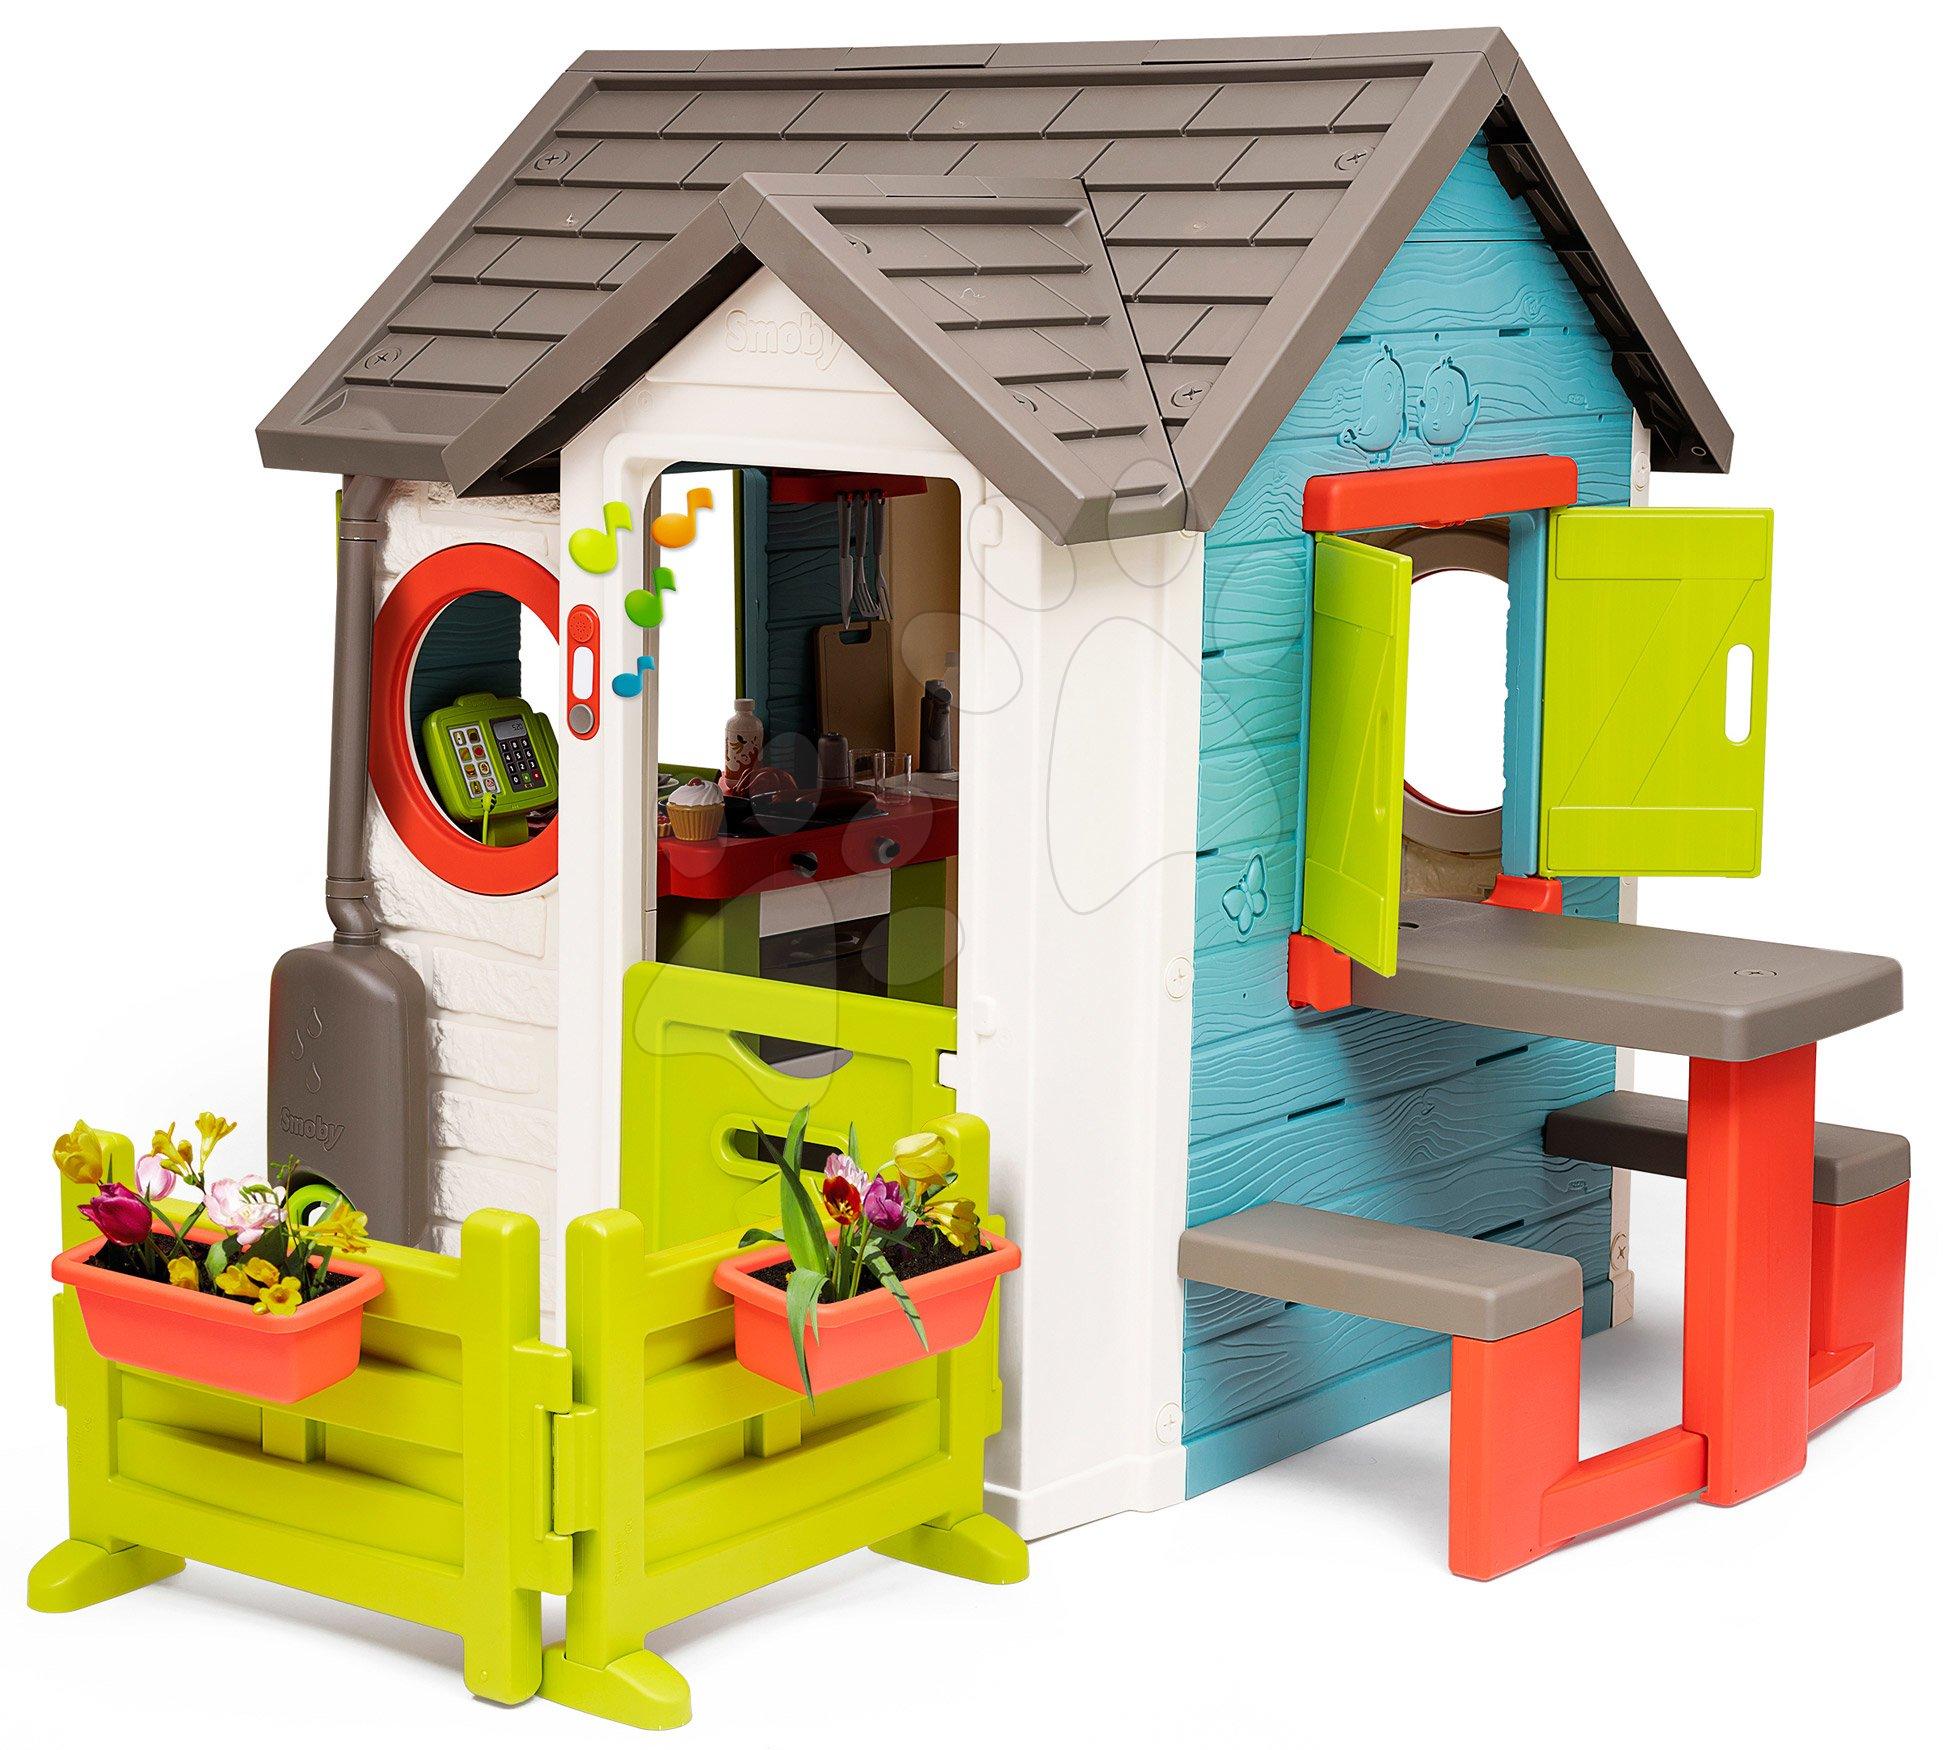 Házikó kerti büfével Chef House DeLuxe Smoby piknik asztallal és előkerttel